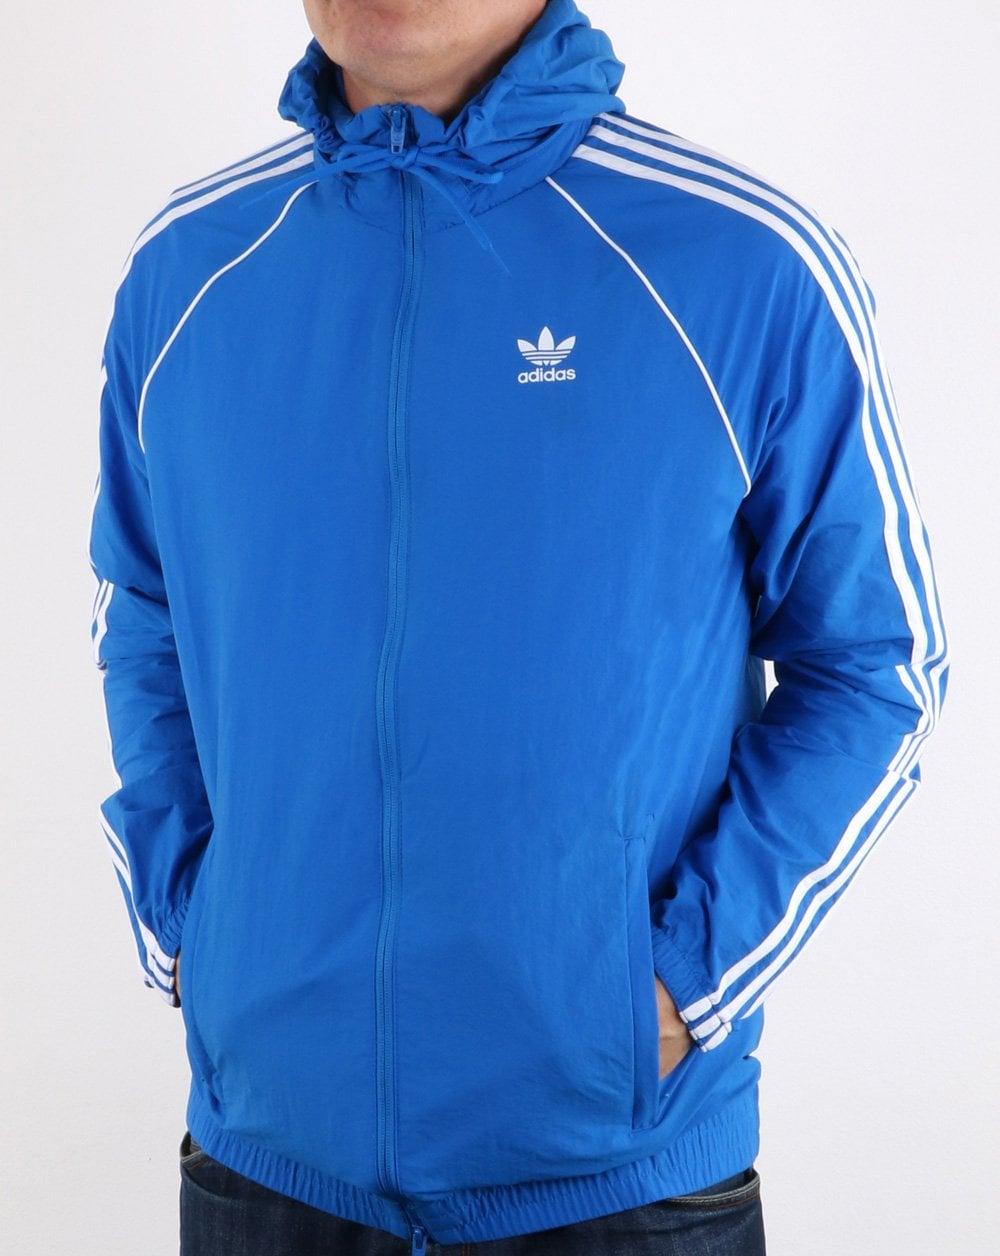 Adidas Originals Superstar Windbreaker Bluebird Blue